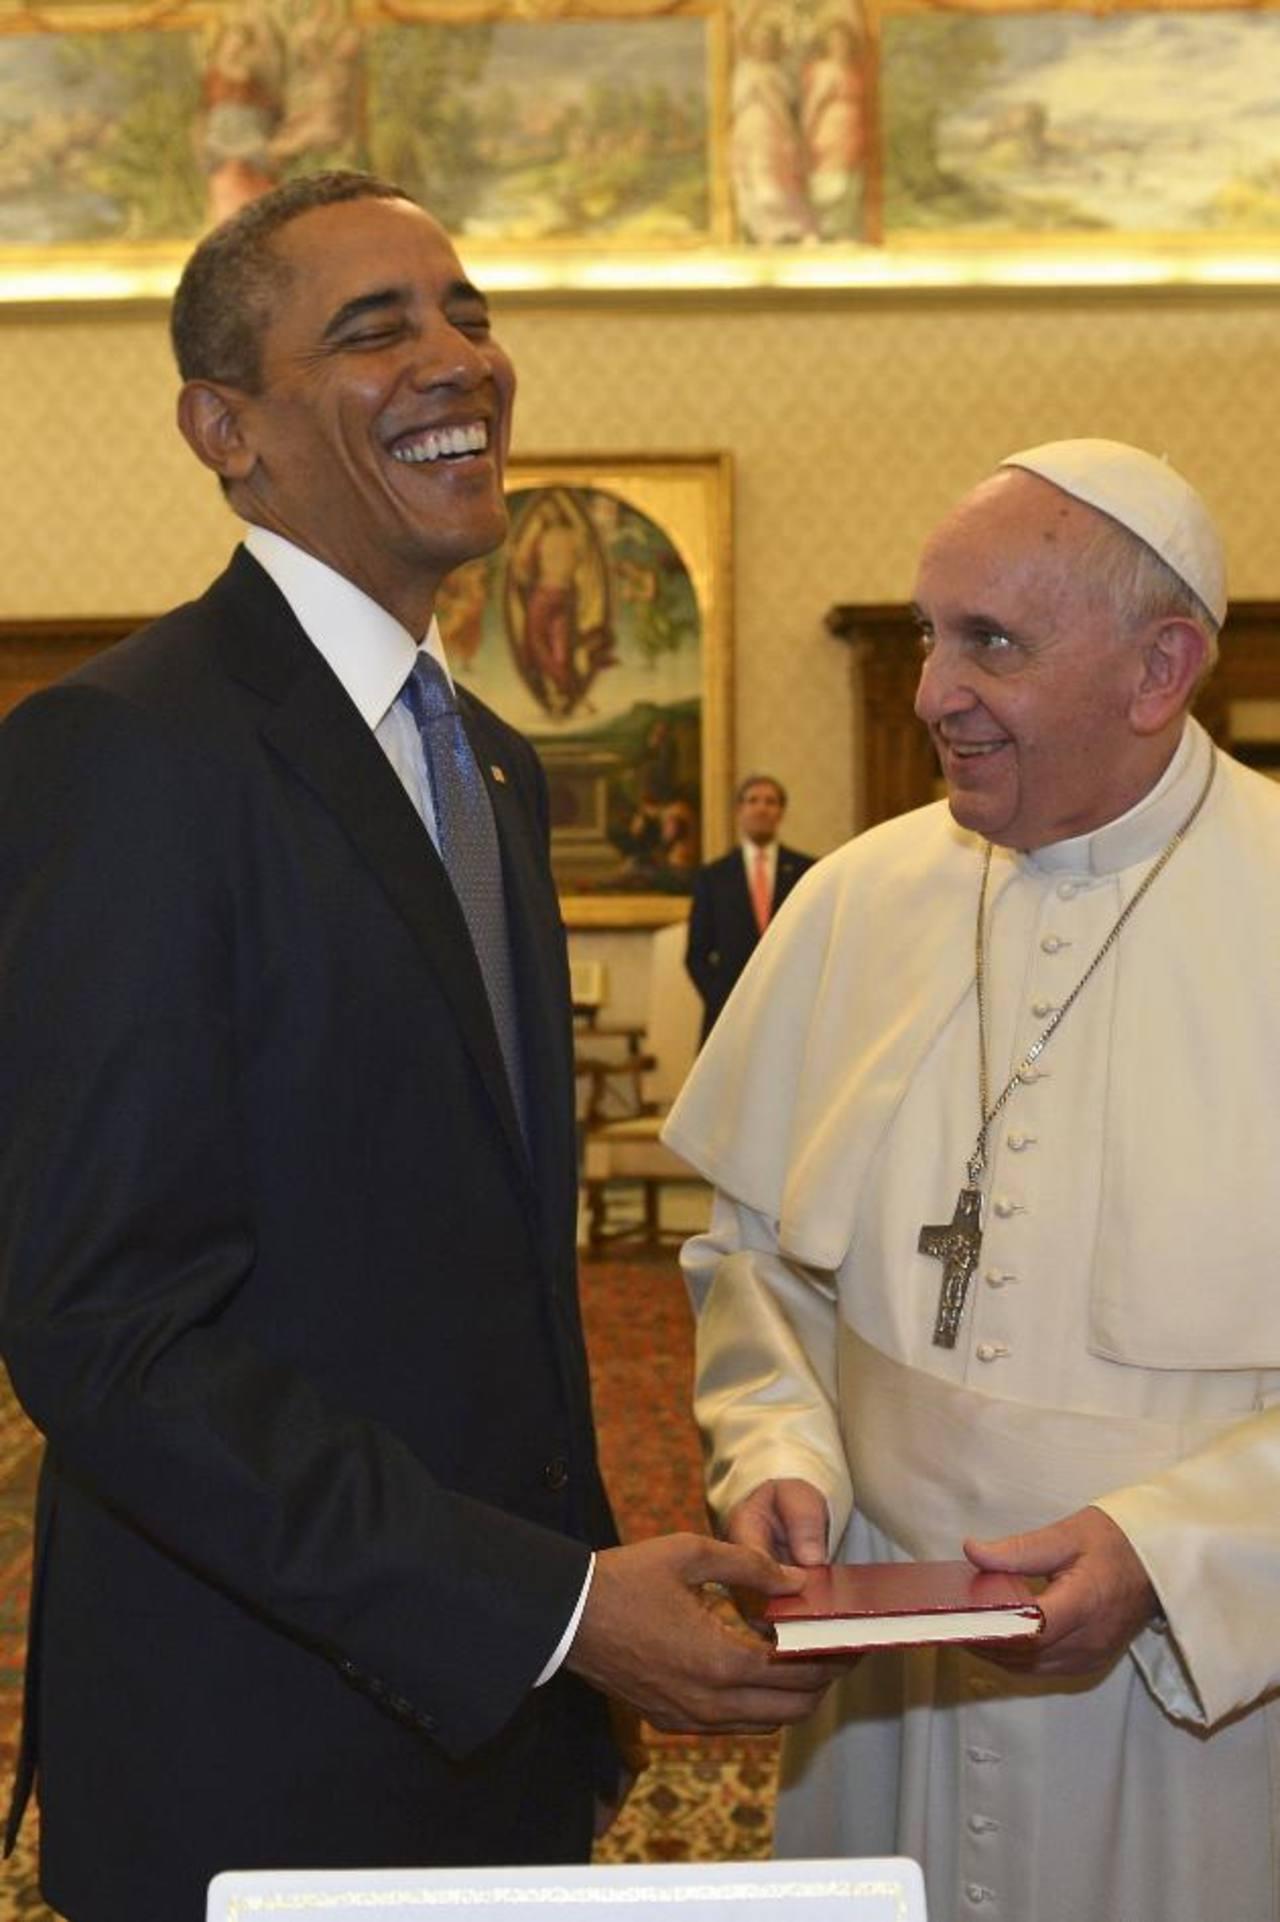 """El Papa Francisco entrega al presidente de EE. UU., Barack Obama, su primera exhortación apostólica """"La alegría del Evangelio"""" en la audiencia privada en el Vaticano. Foto EDH /Reuters"""